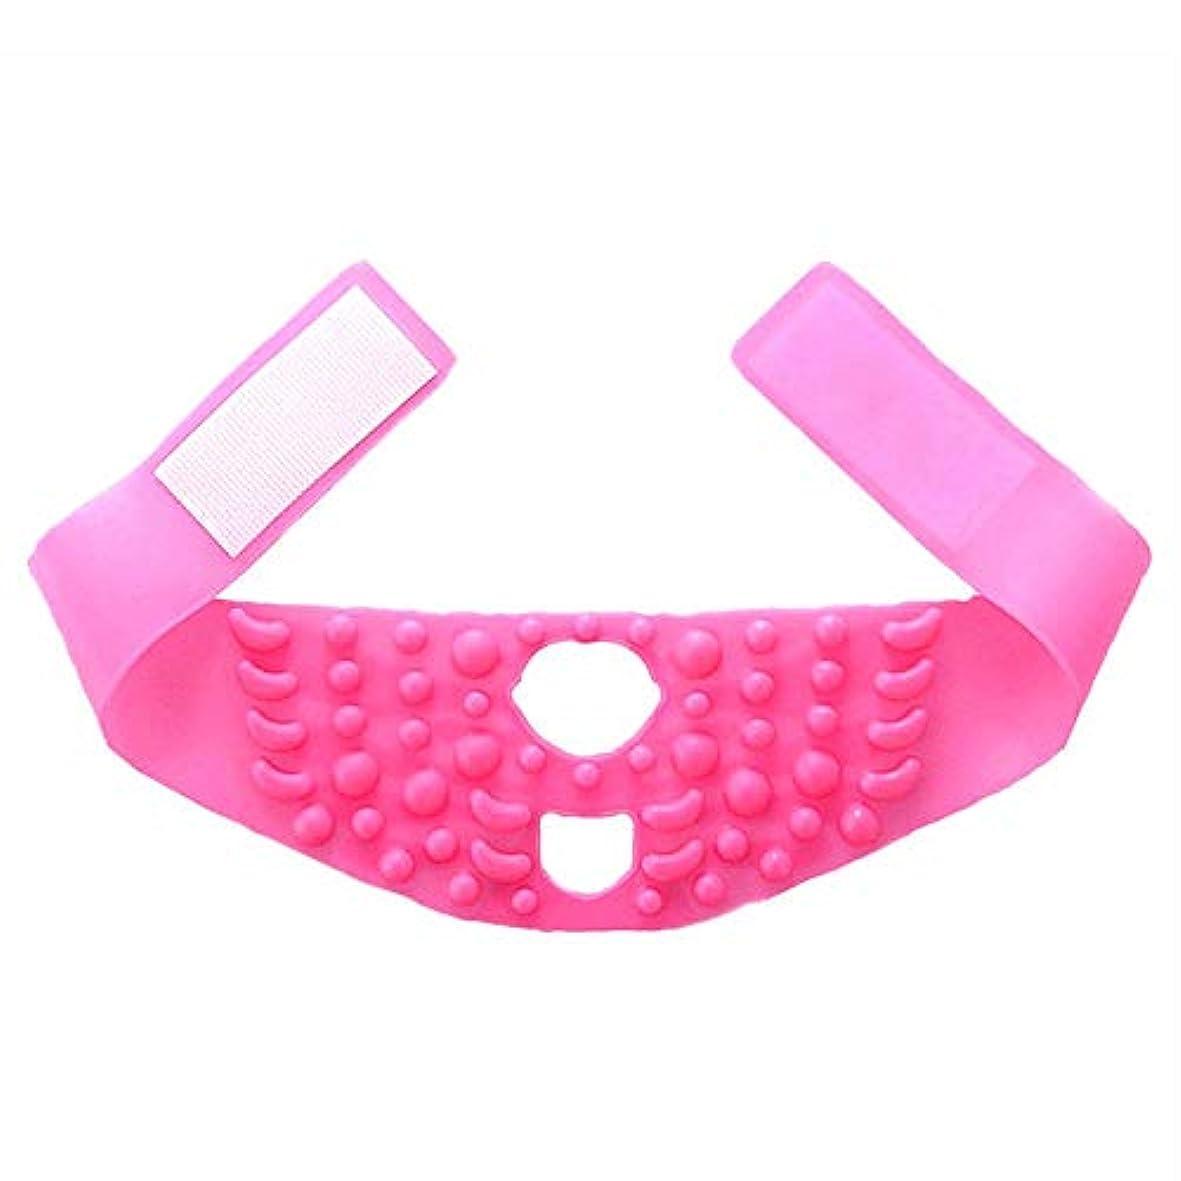 分析する飢つかむGYZ シンフェイスマスクシリコーンマッサージ引き締まった形の小さなVフェイスリフティングに薄いフェイスアーティファクト包帯を飾る - ピンク Thin Face Belt